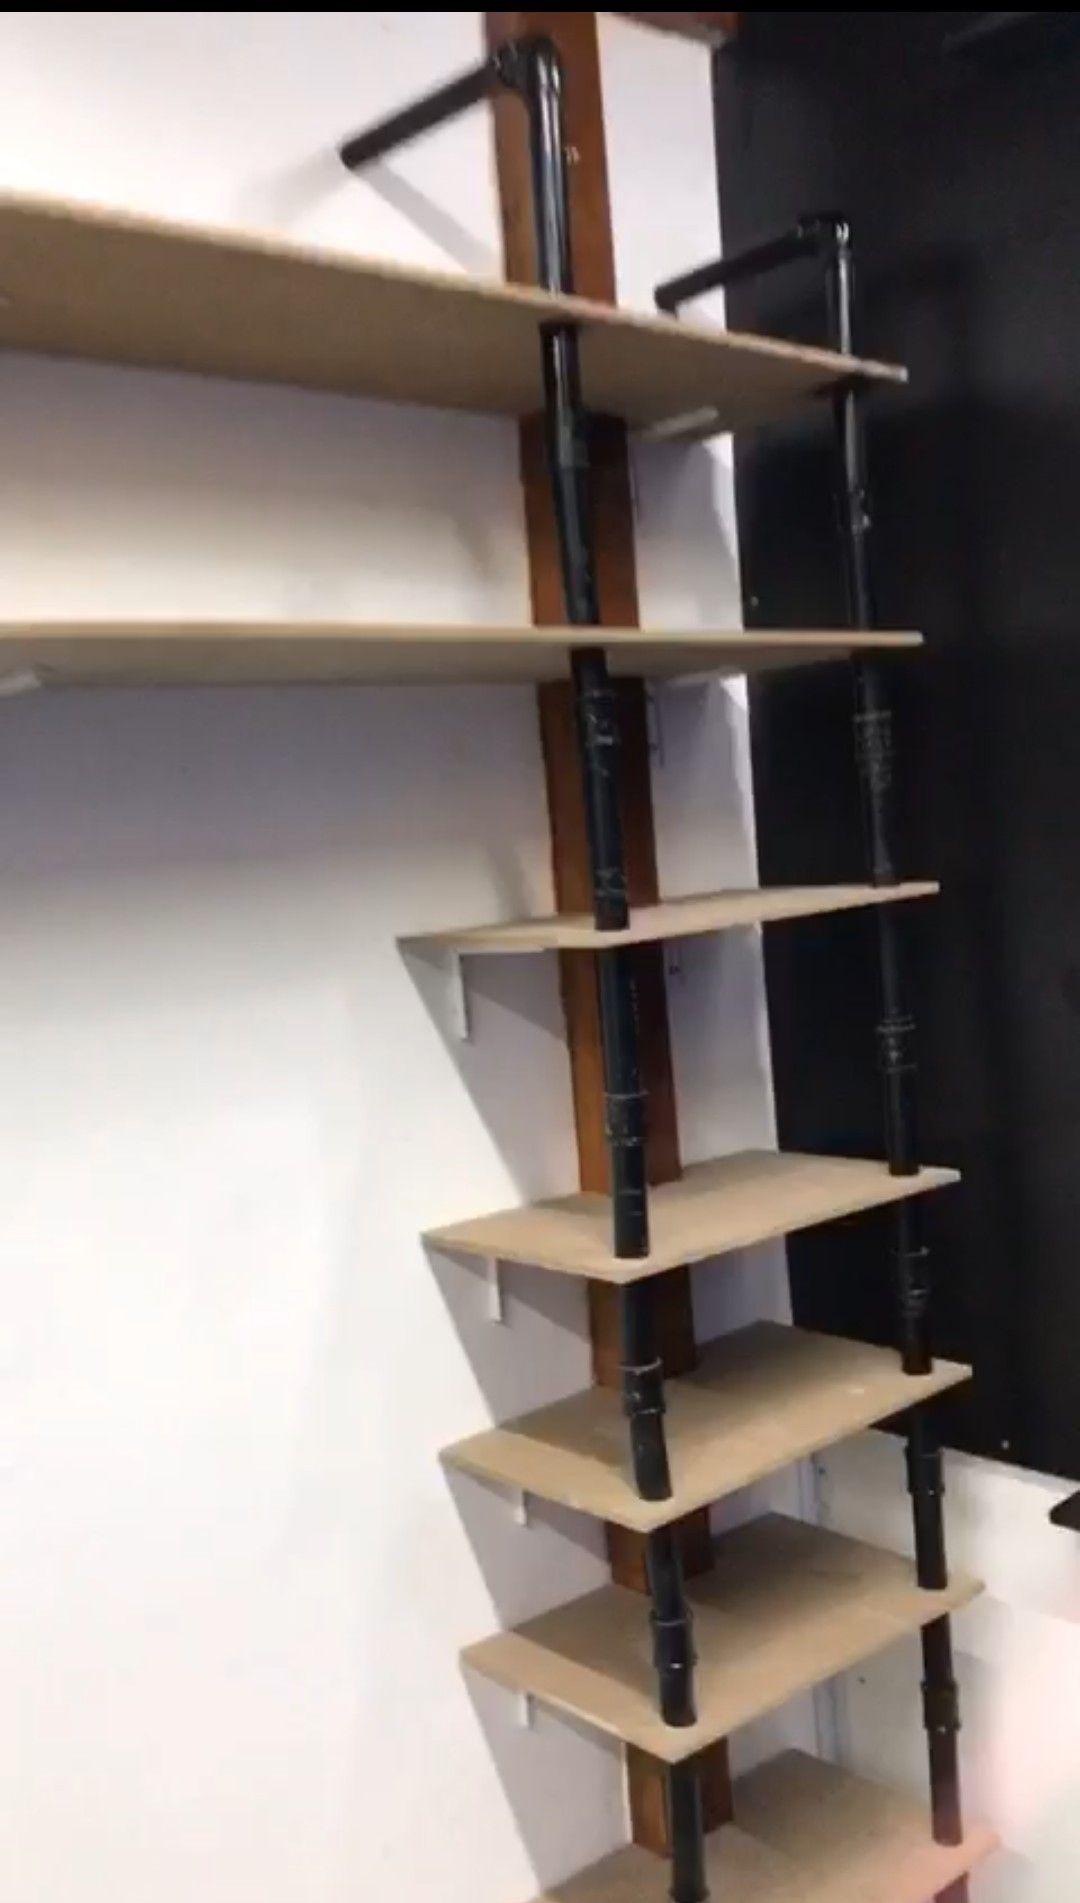 montagem de estante  MDF + efeito industrial canos